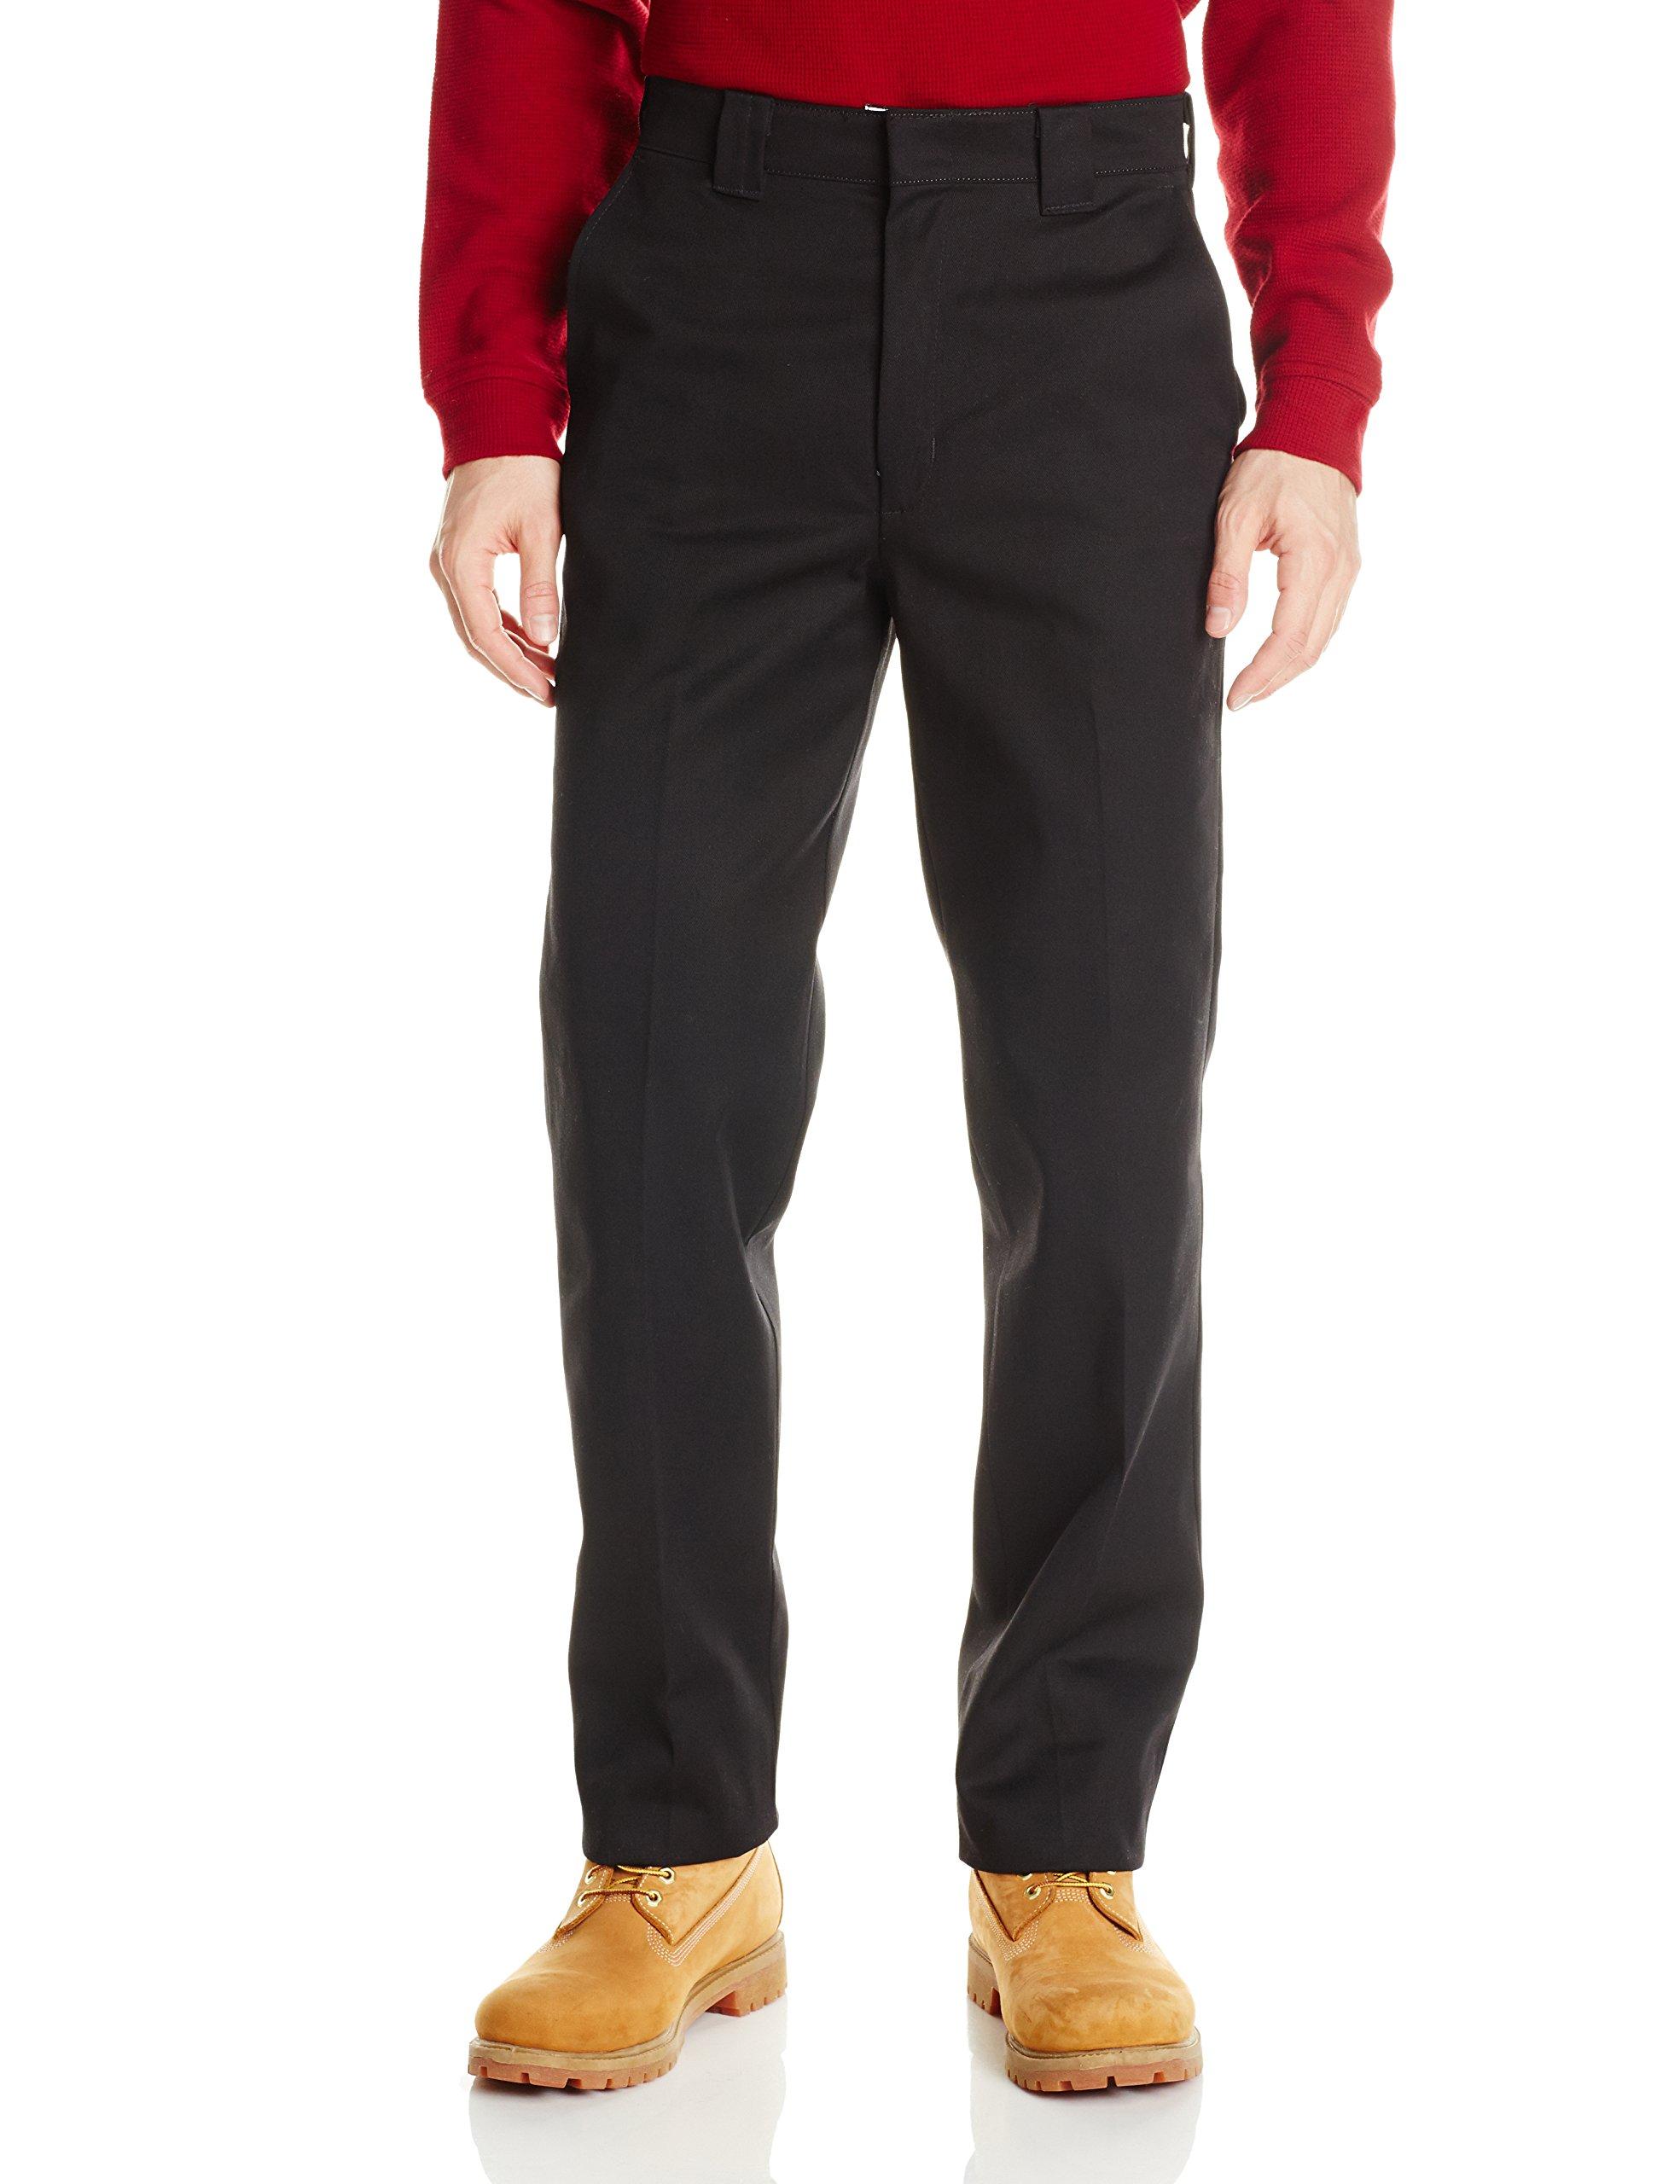 Red Kap Men's Utility Uniform Pant, Black, 54x30 by Red Kap